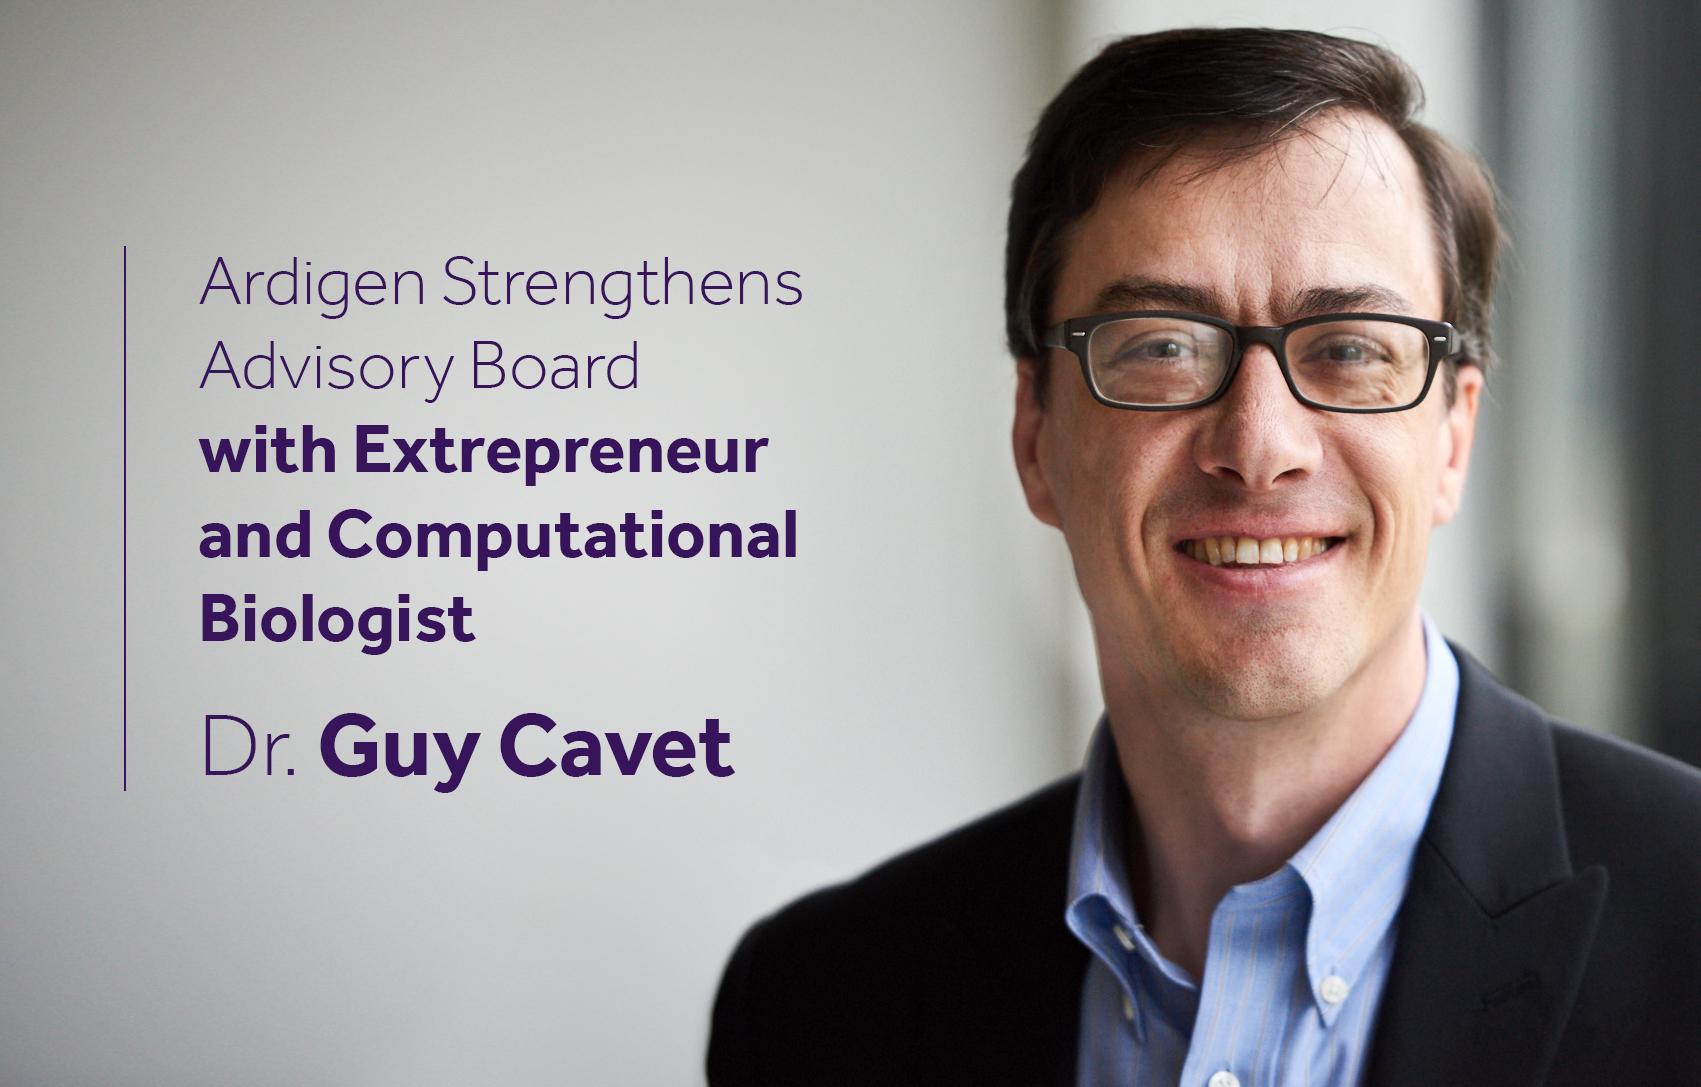 Ardigen Guy Cavet